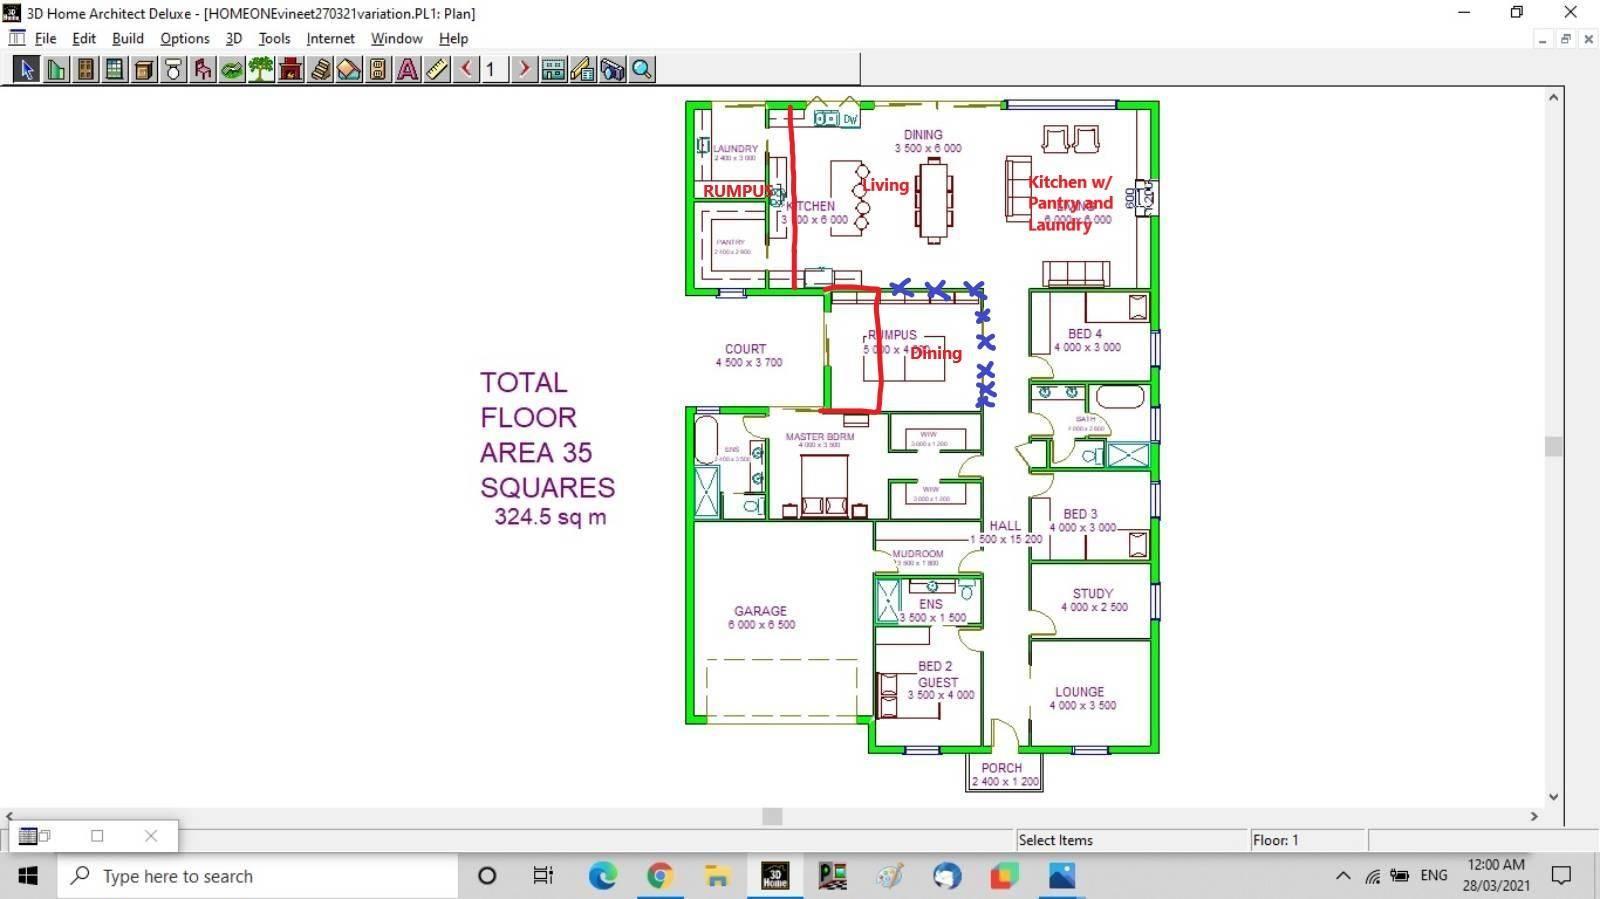 Needs feedback on the Floor Plan